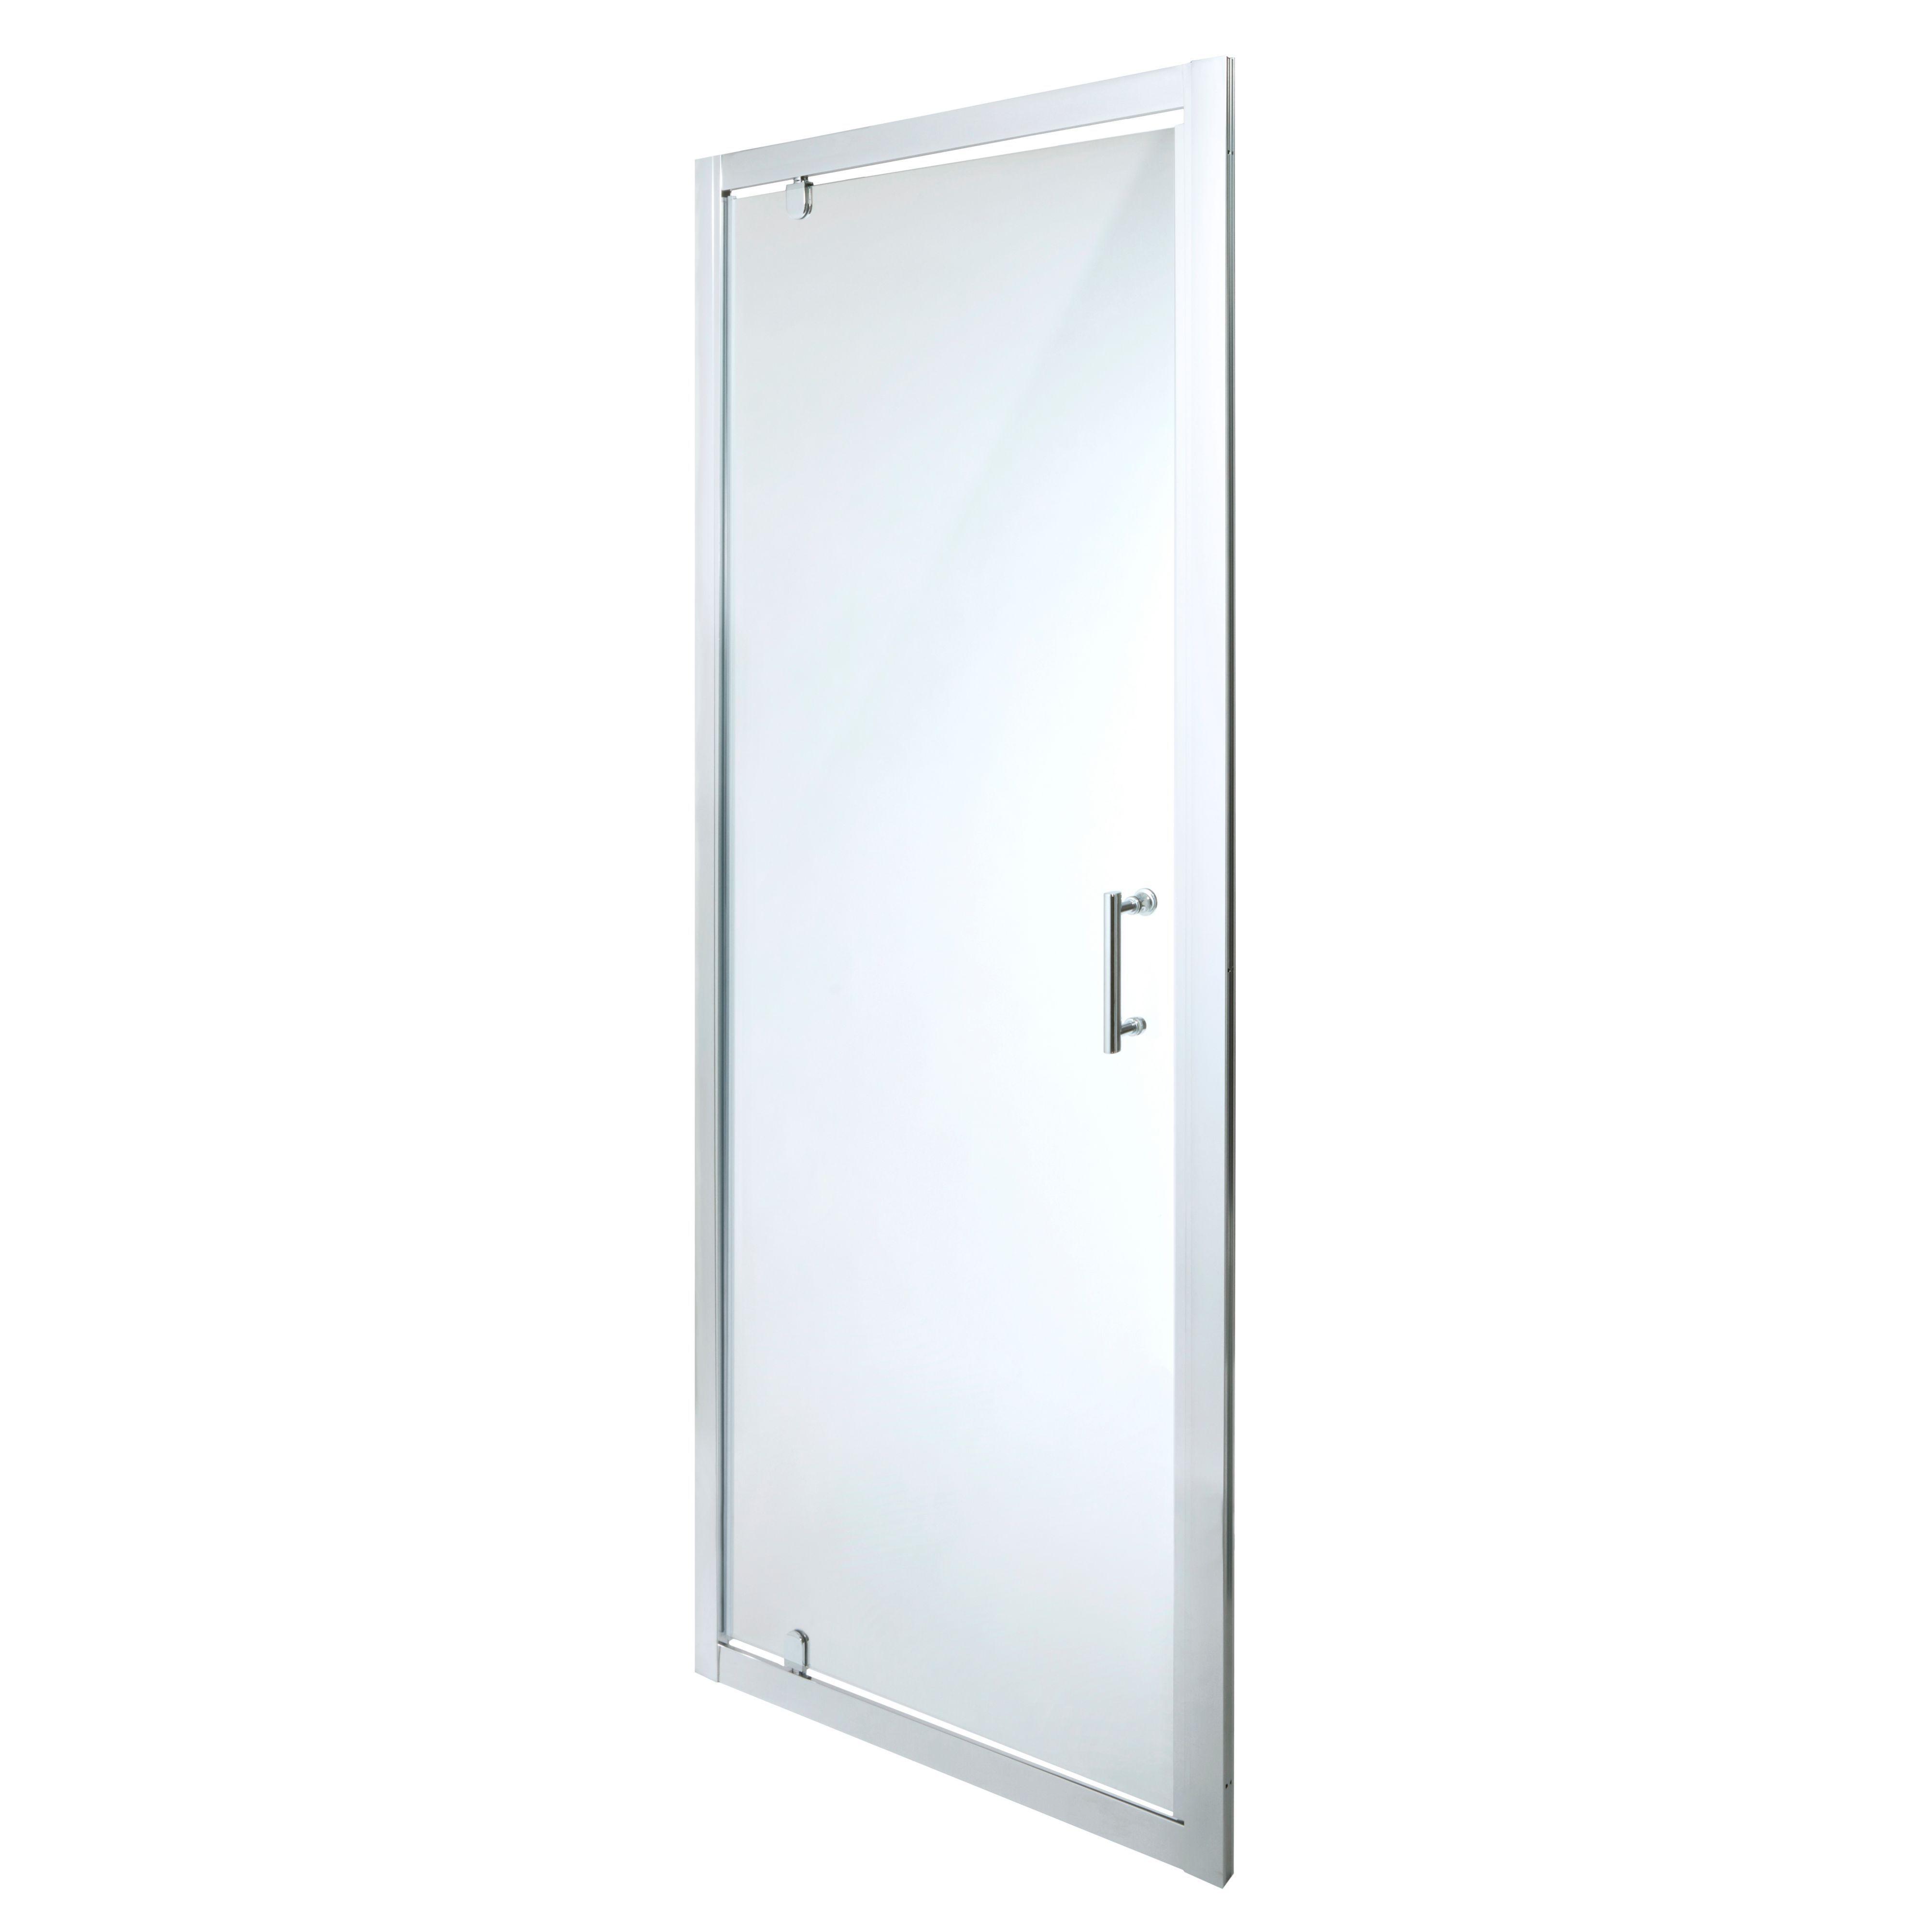 Cooke & Lewis Onega Pivot Shower Door (w)760mm